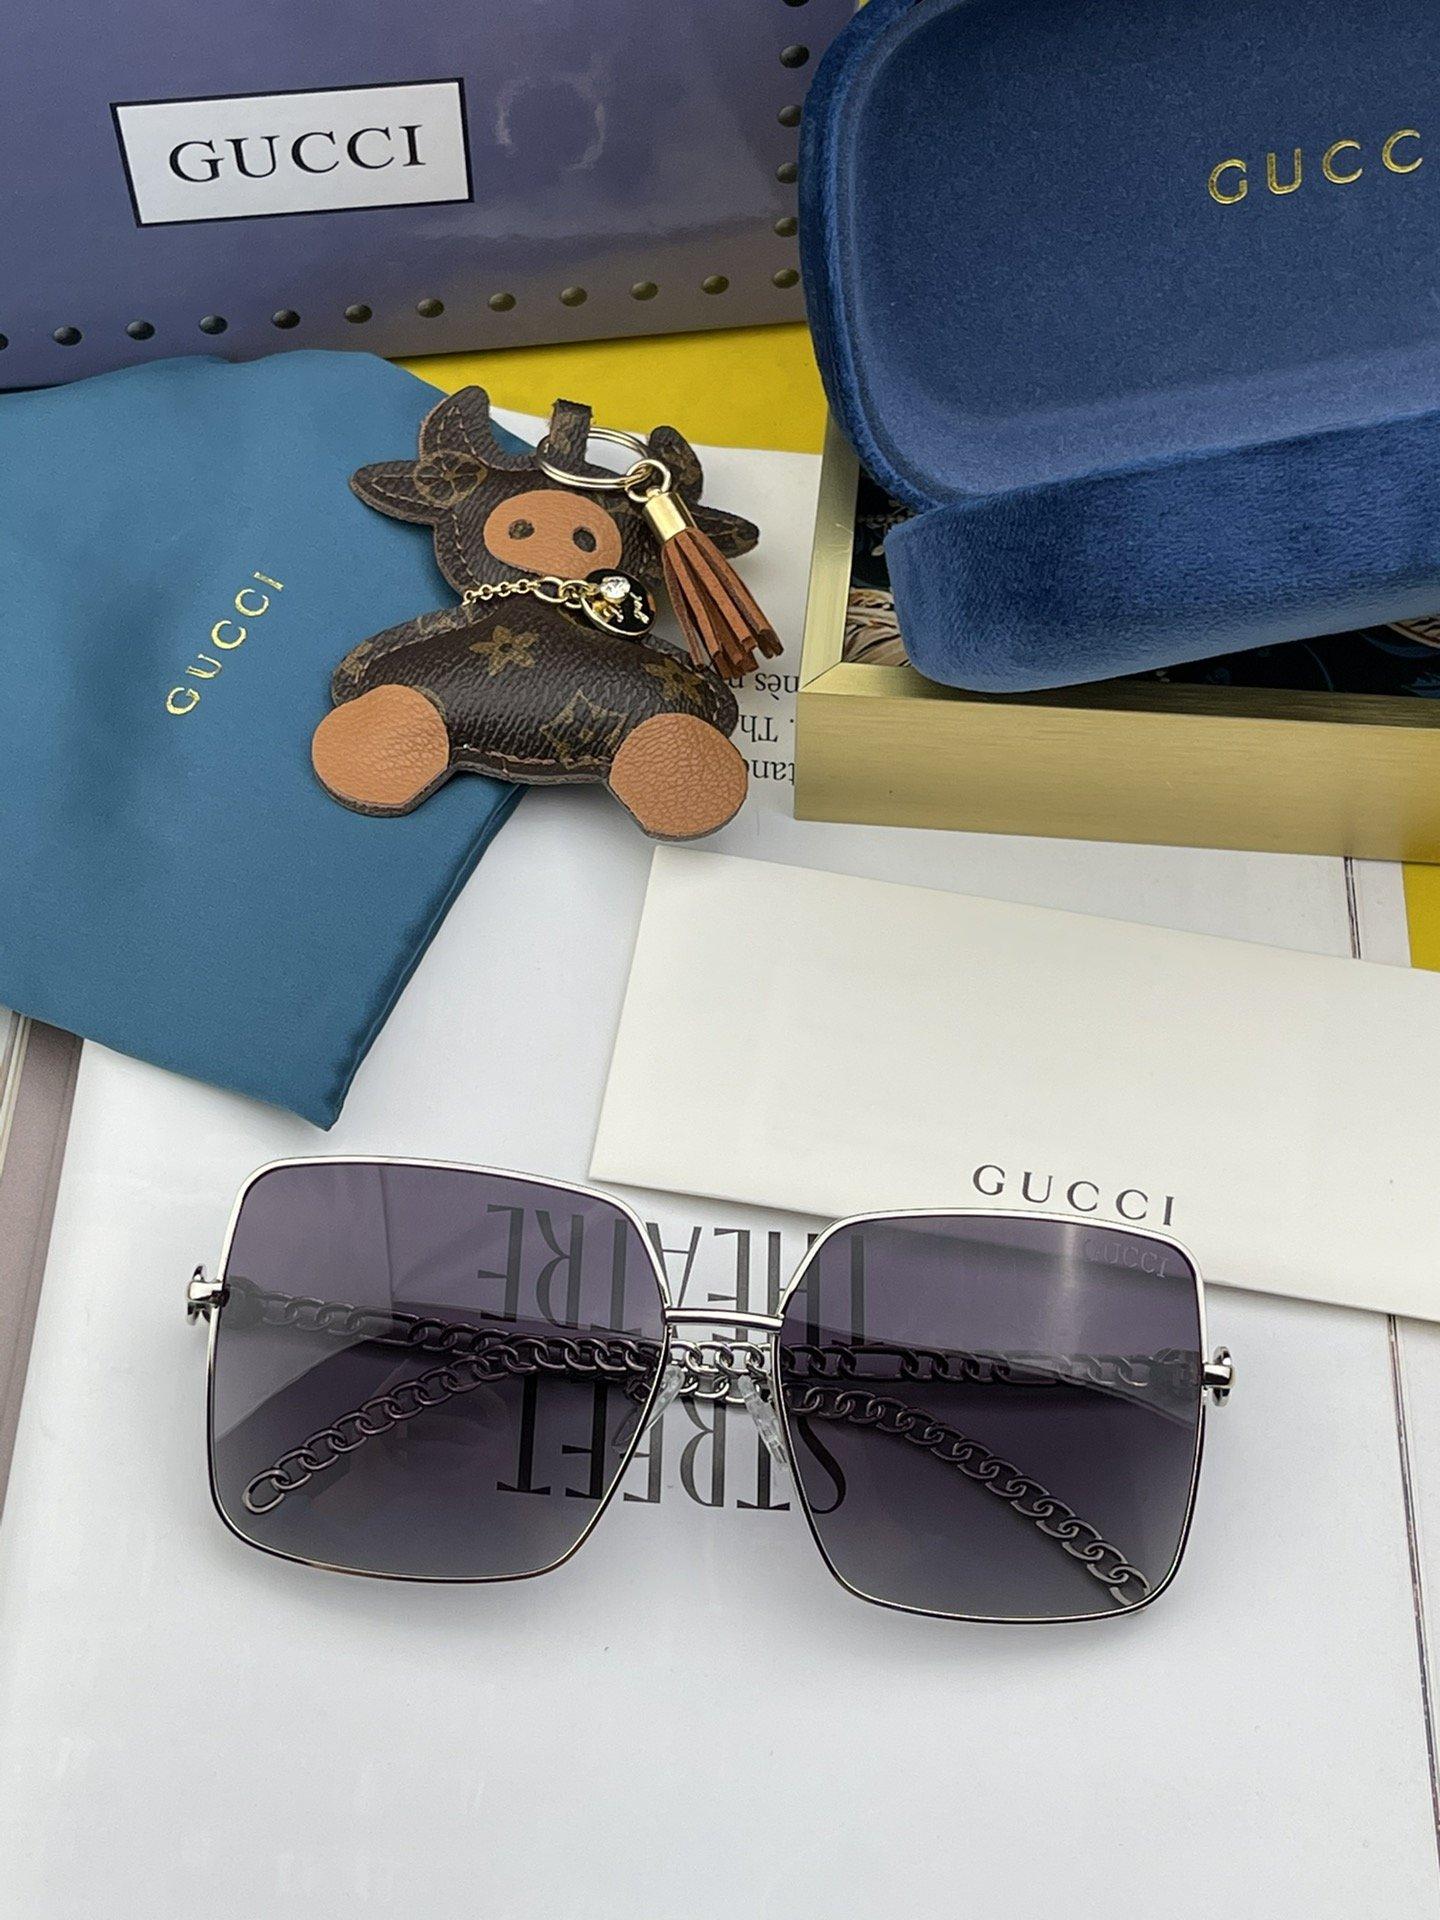 链条Gucci2021官方新款众多明